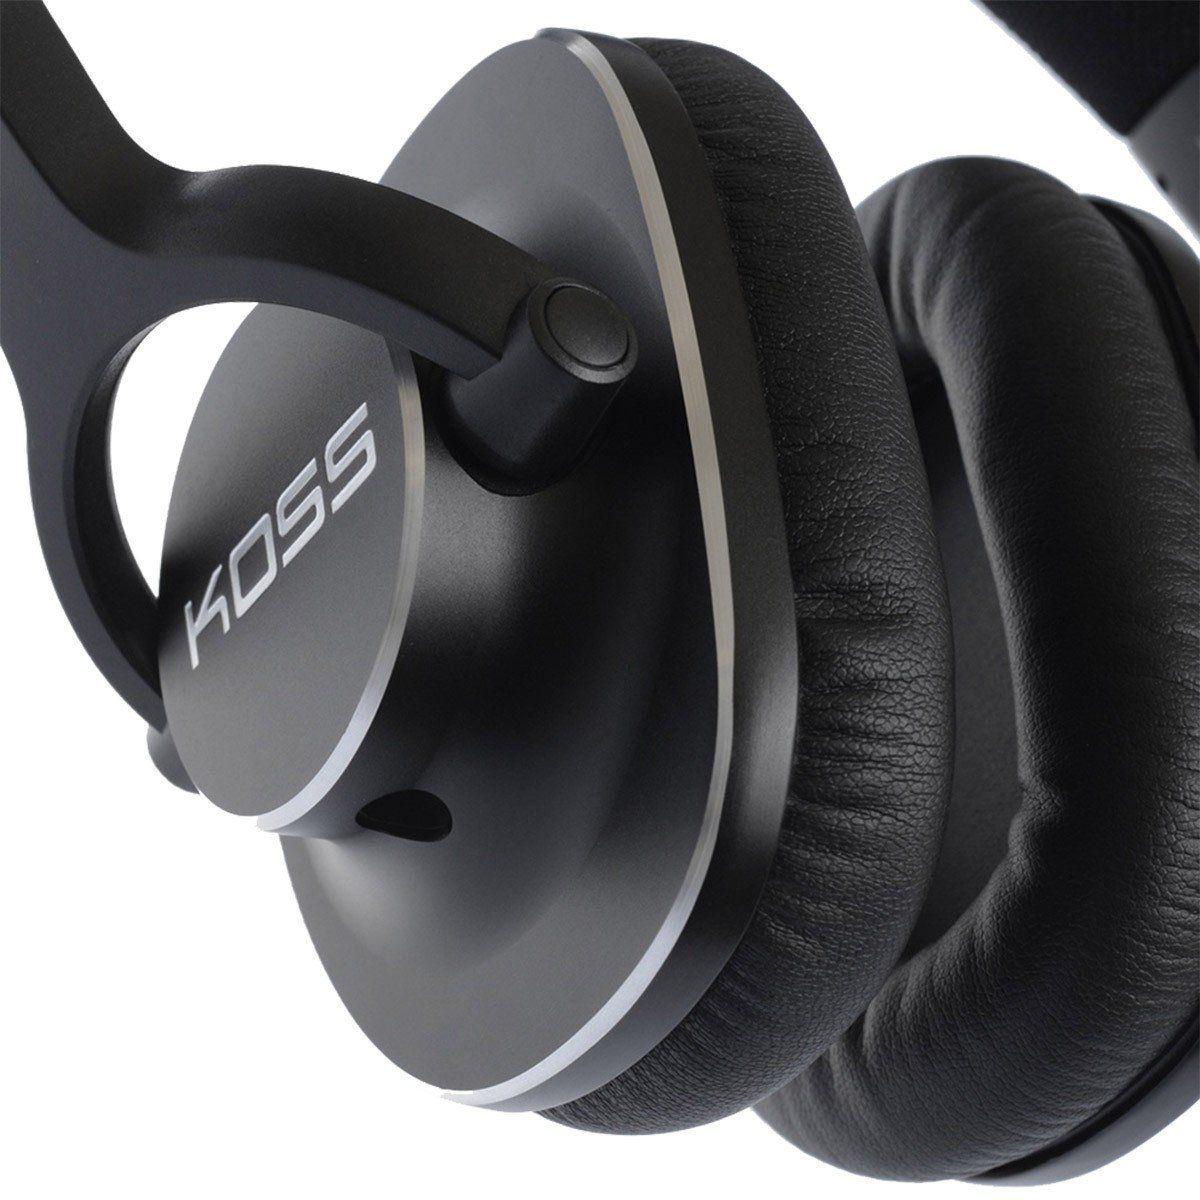 Koss Pro 4S Fone de Ouvido Pro-4S Fechado para Estúdio Memory Foam